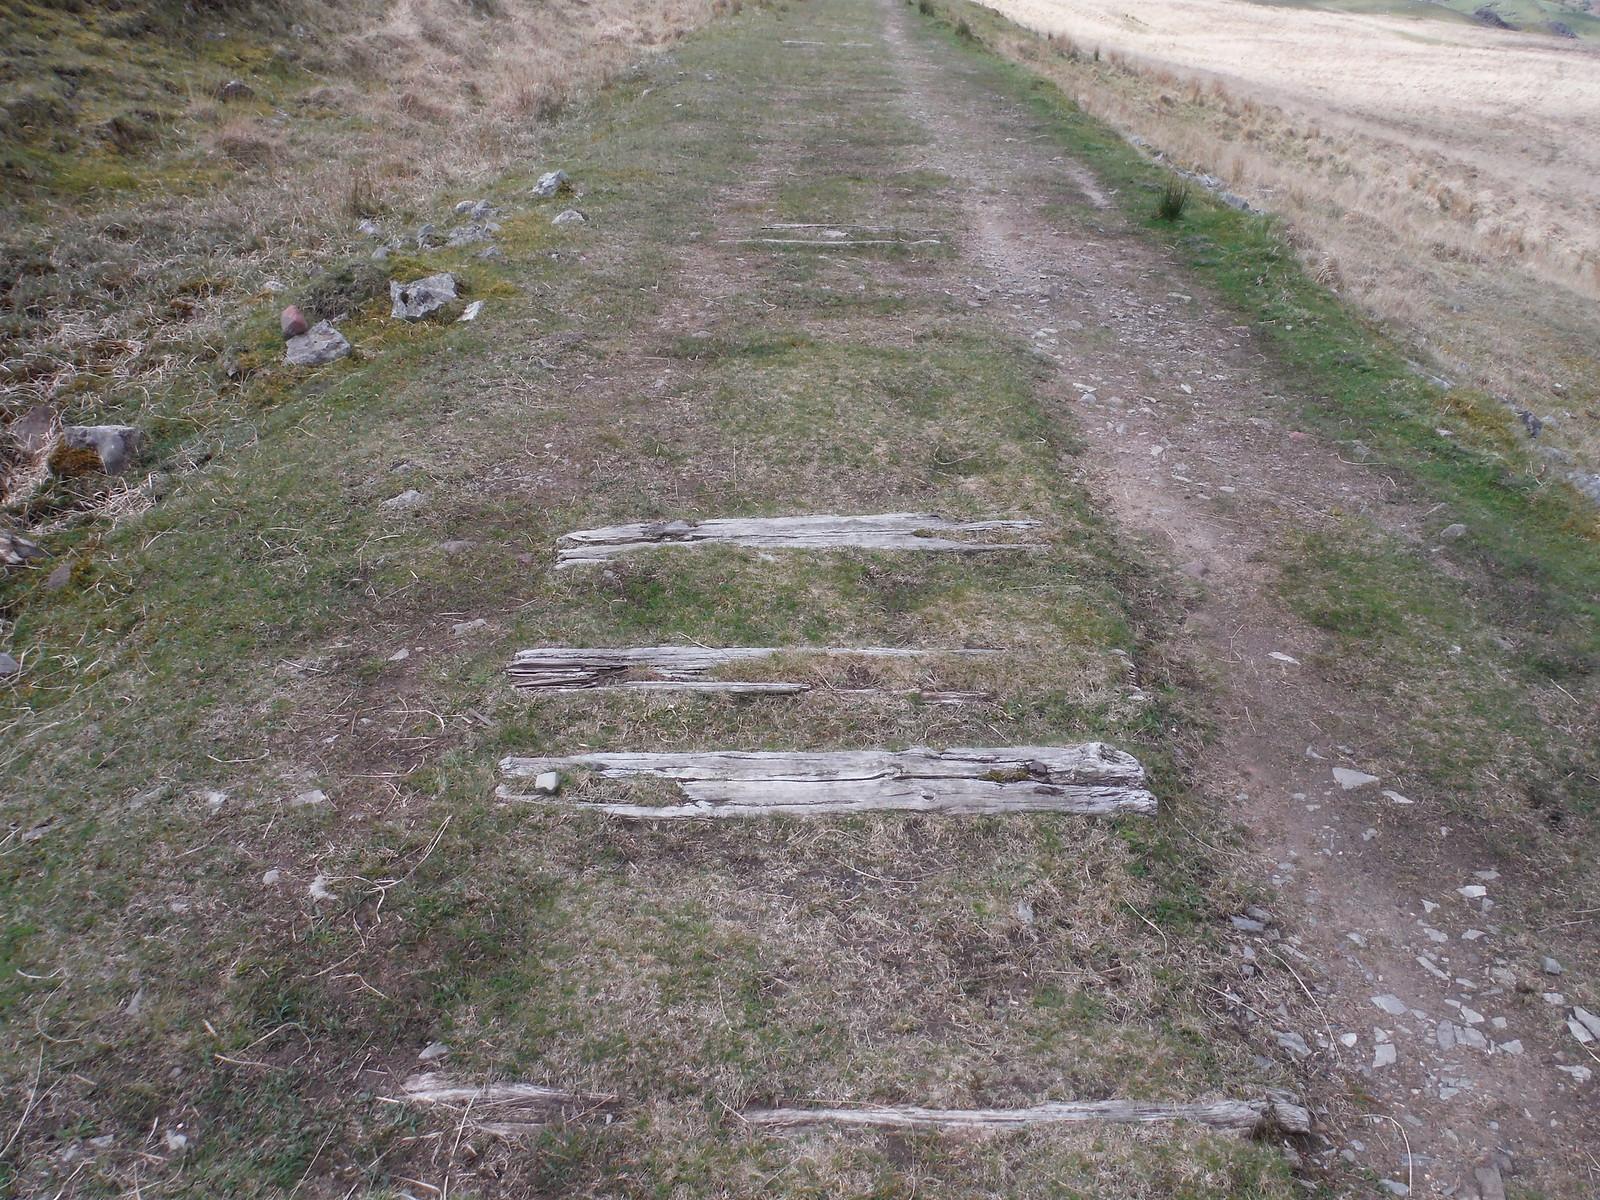 Sleepers on Dismantled Tramway SWC Walk 307 - Fforest Fawr Traverse (Craig y Nos to Llwyn-y-celyn)